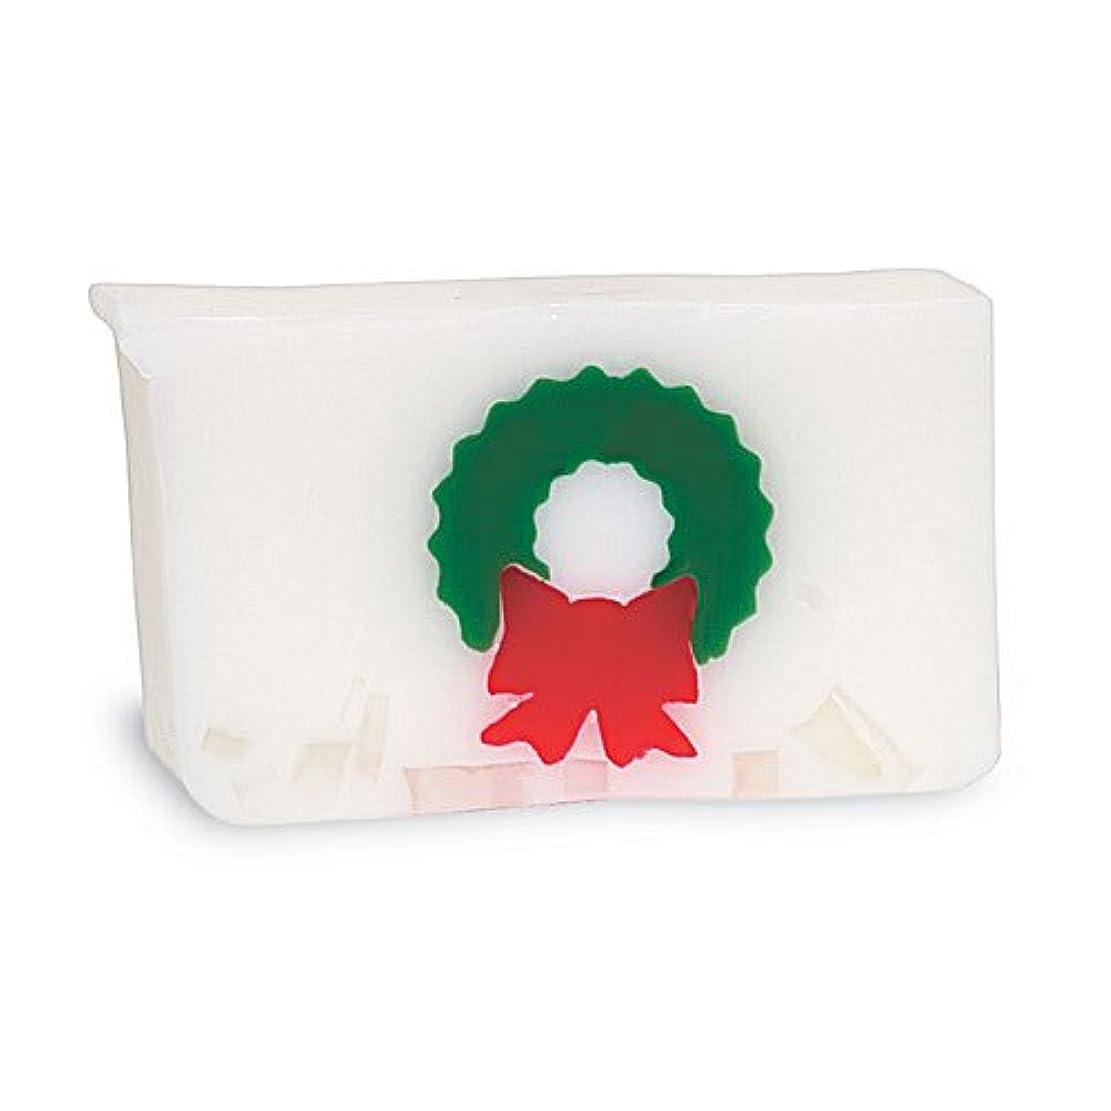 スラダムアルファベット順逃すプライモールエレメンツ アロマティック ソープ クリスマスリース 180g 植物性 ナチュラル 石鹸 無添加